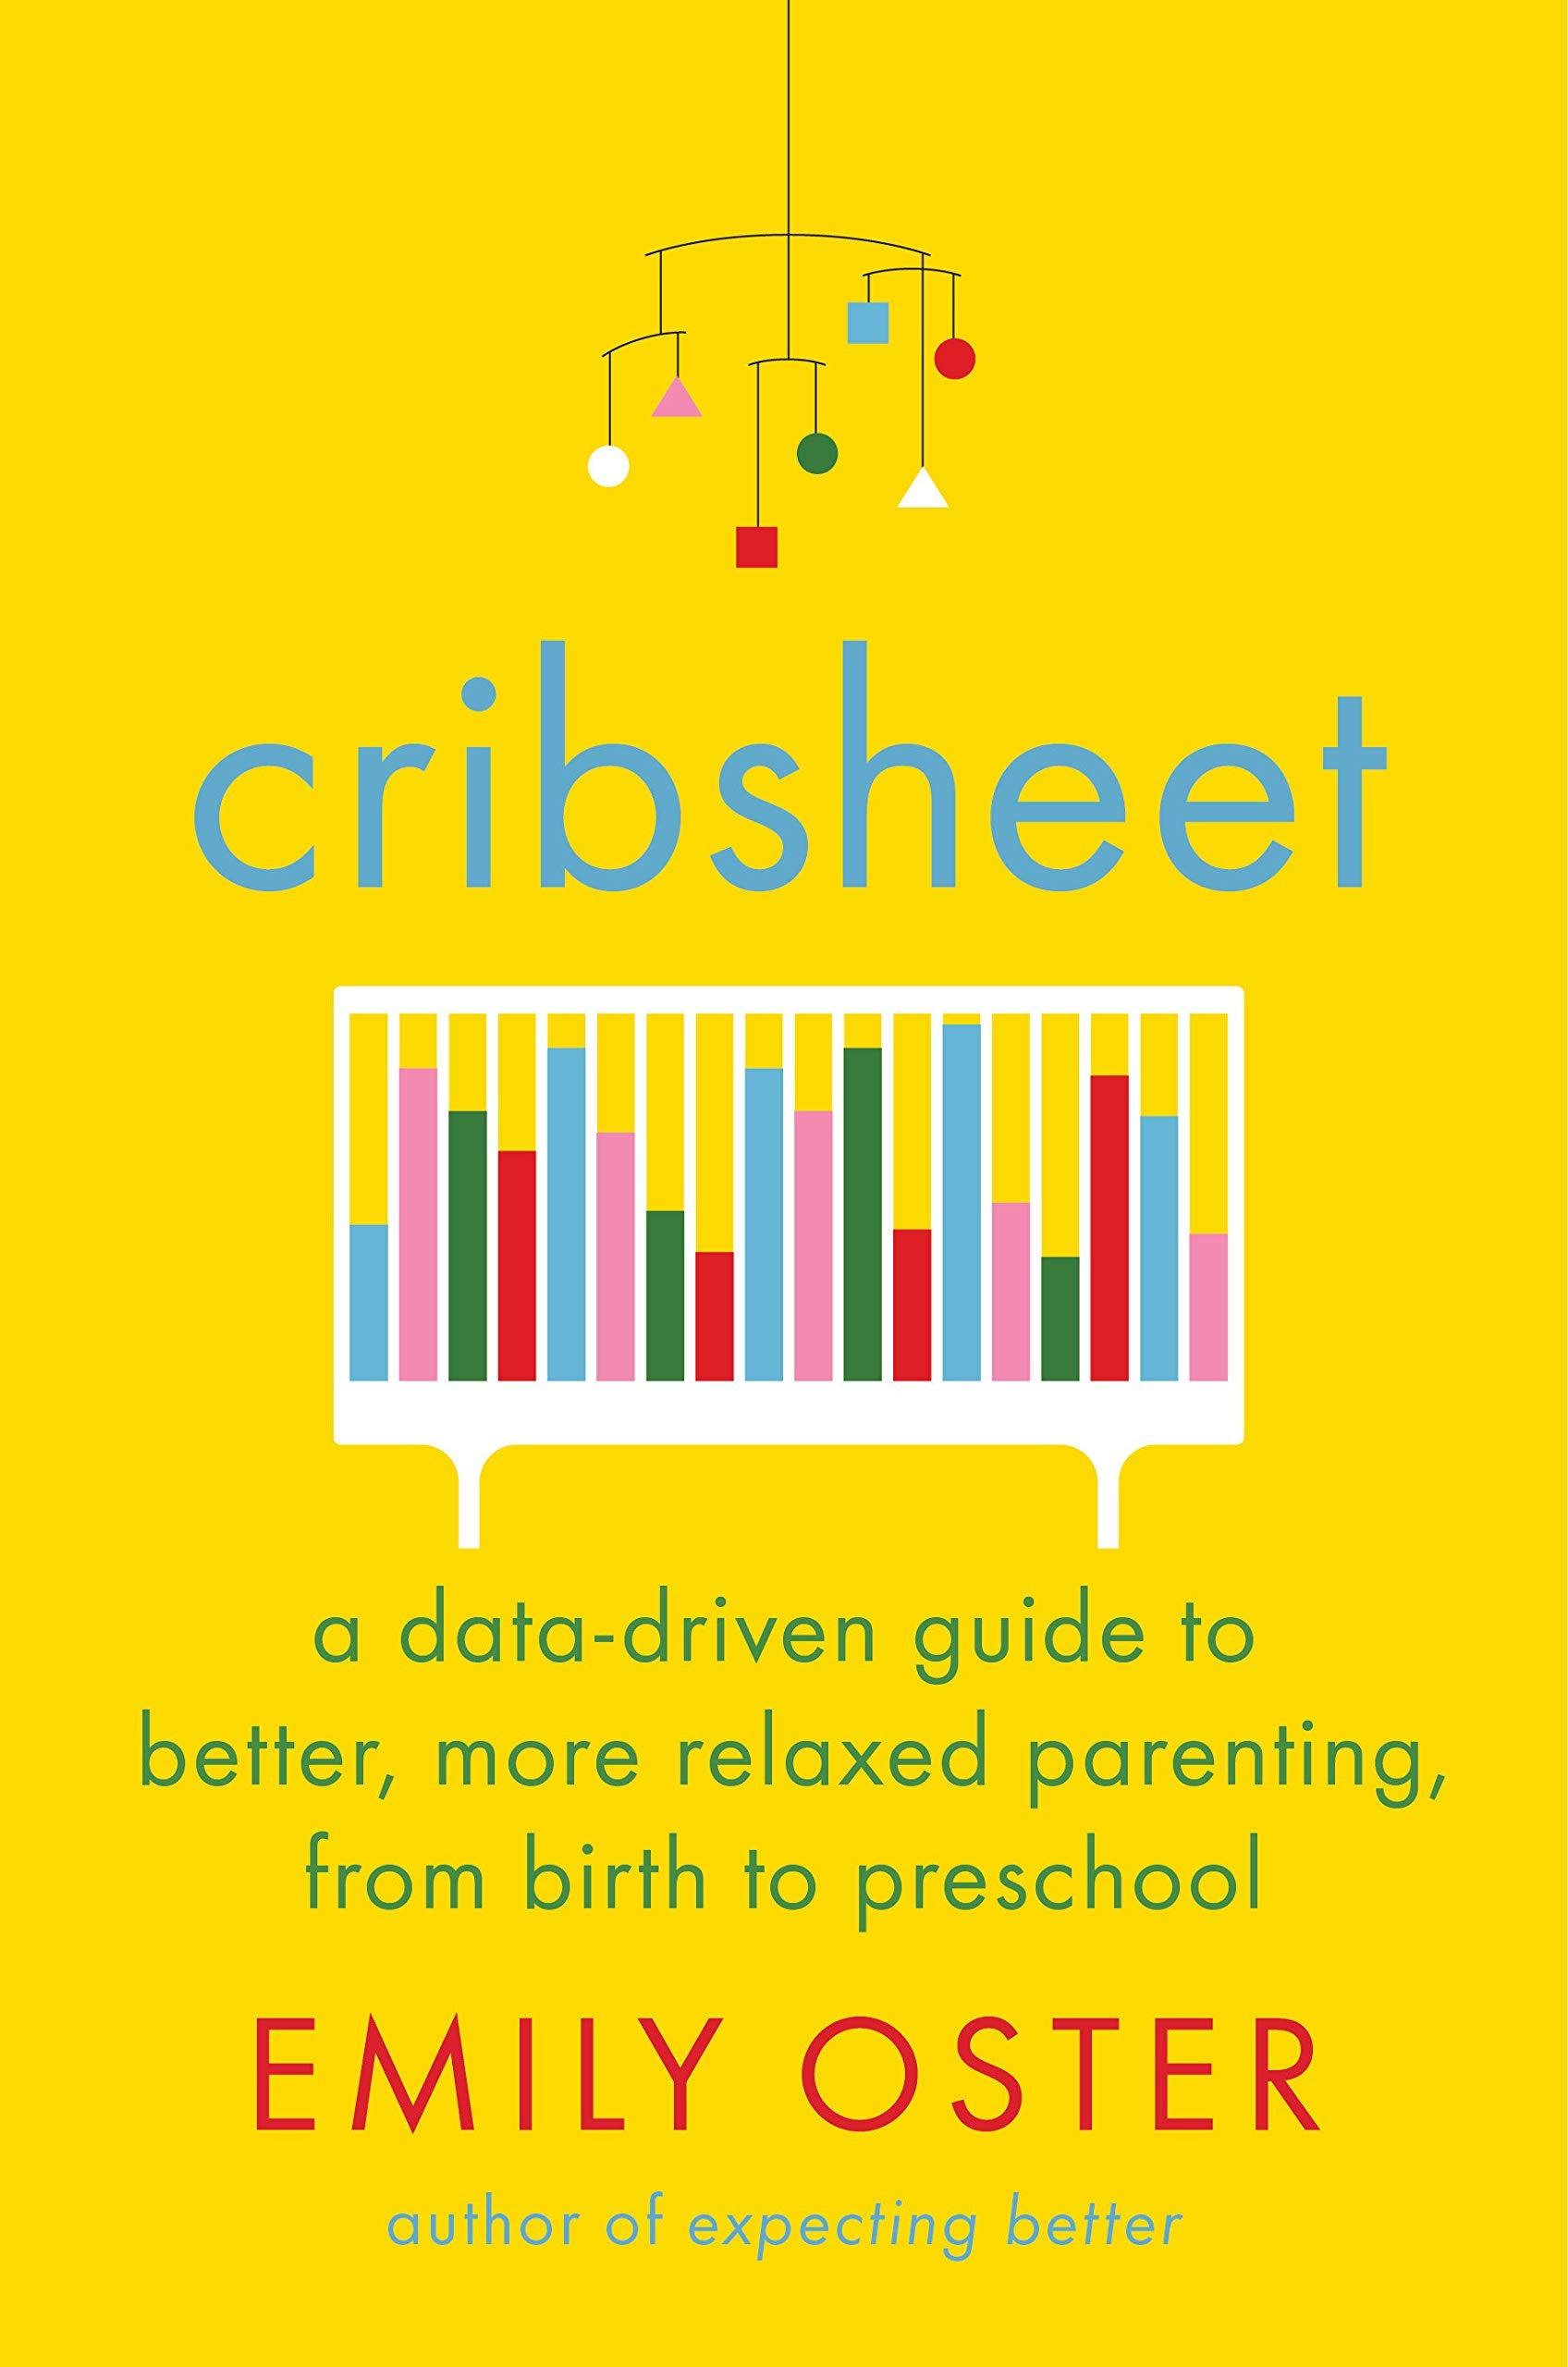 Cribsheet book cover.